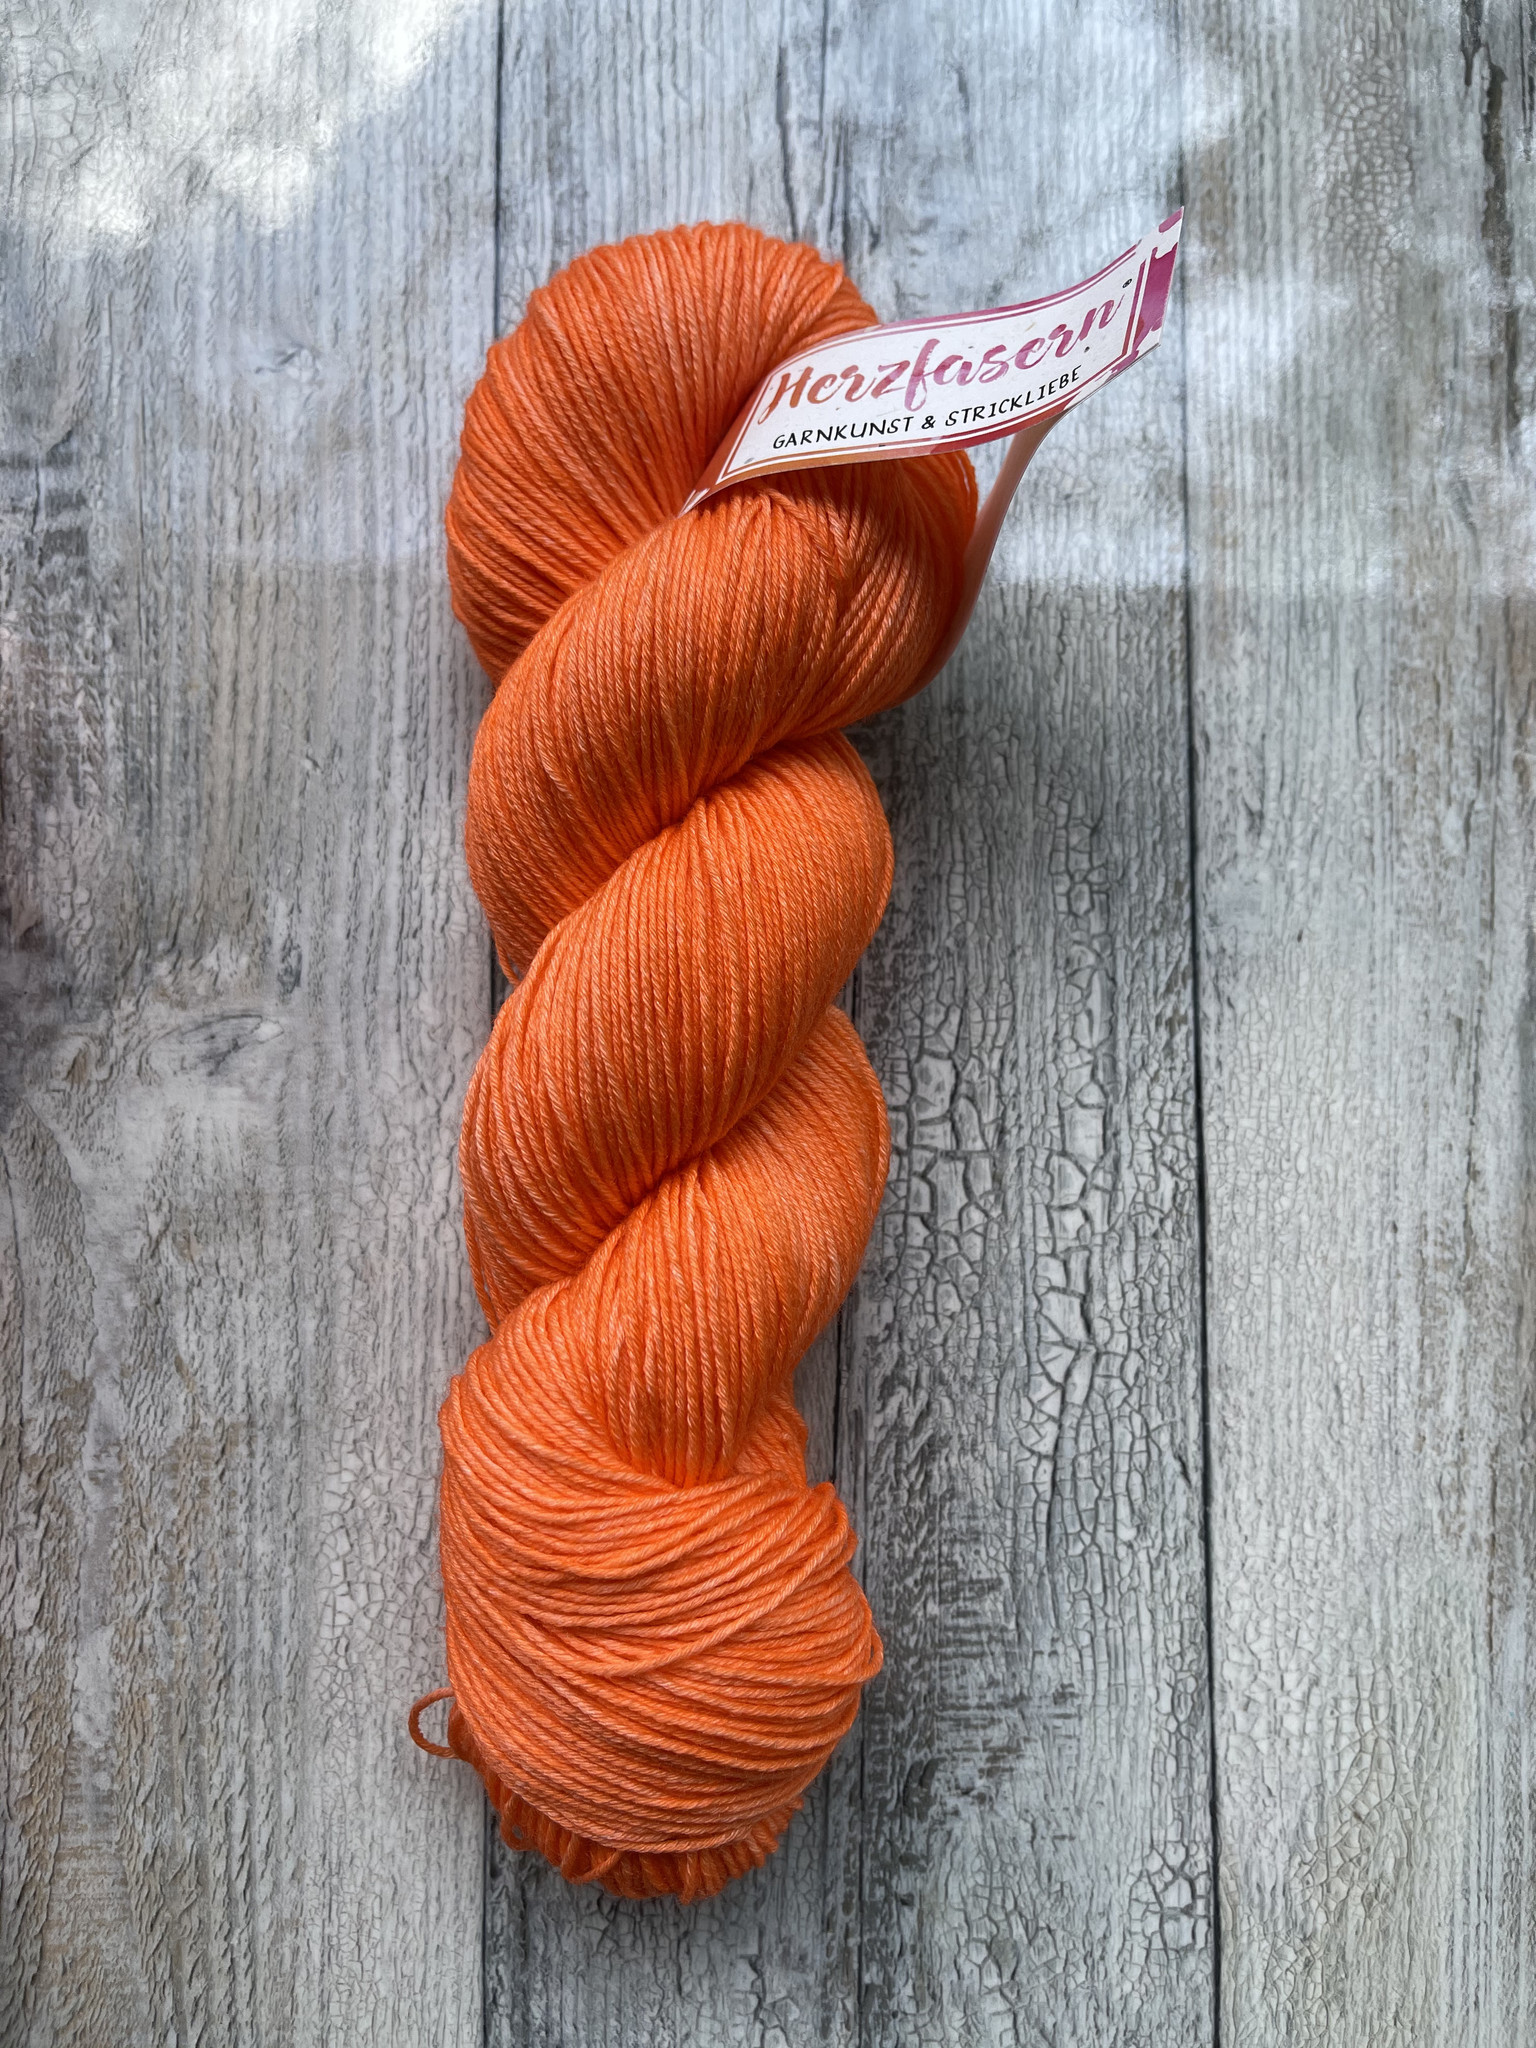 Herzfasern Merino/Seide - Orange